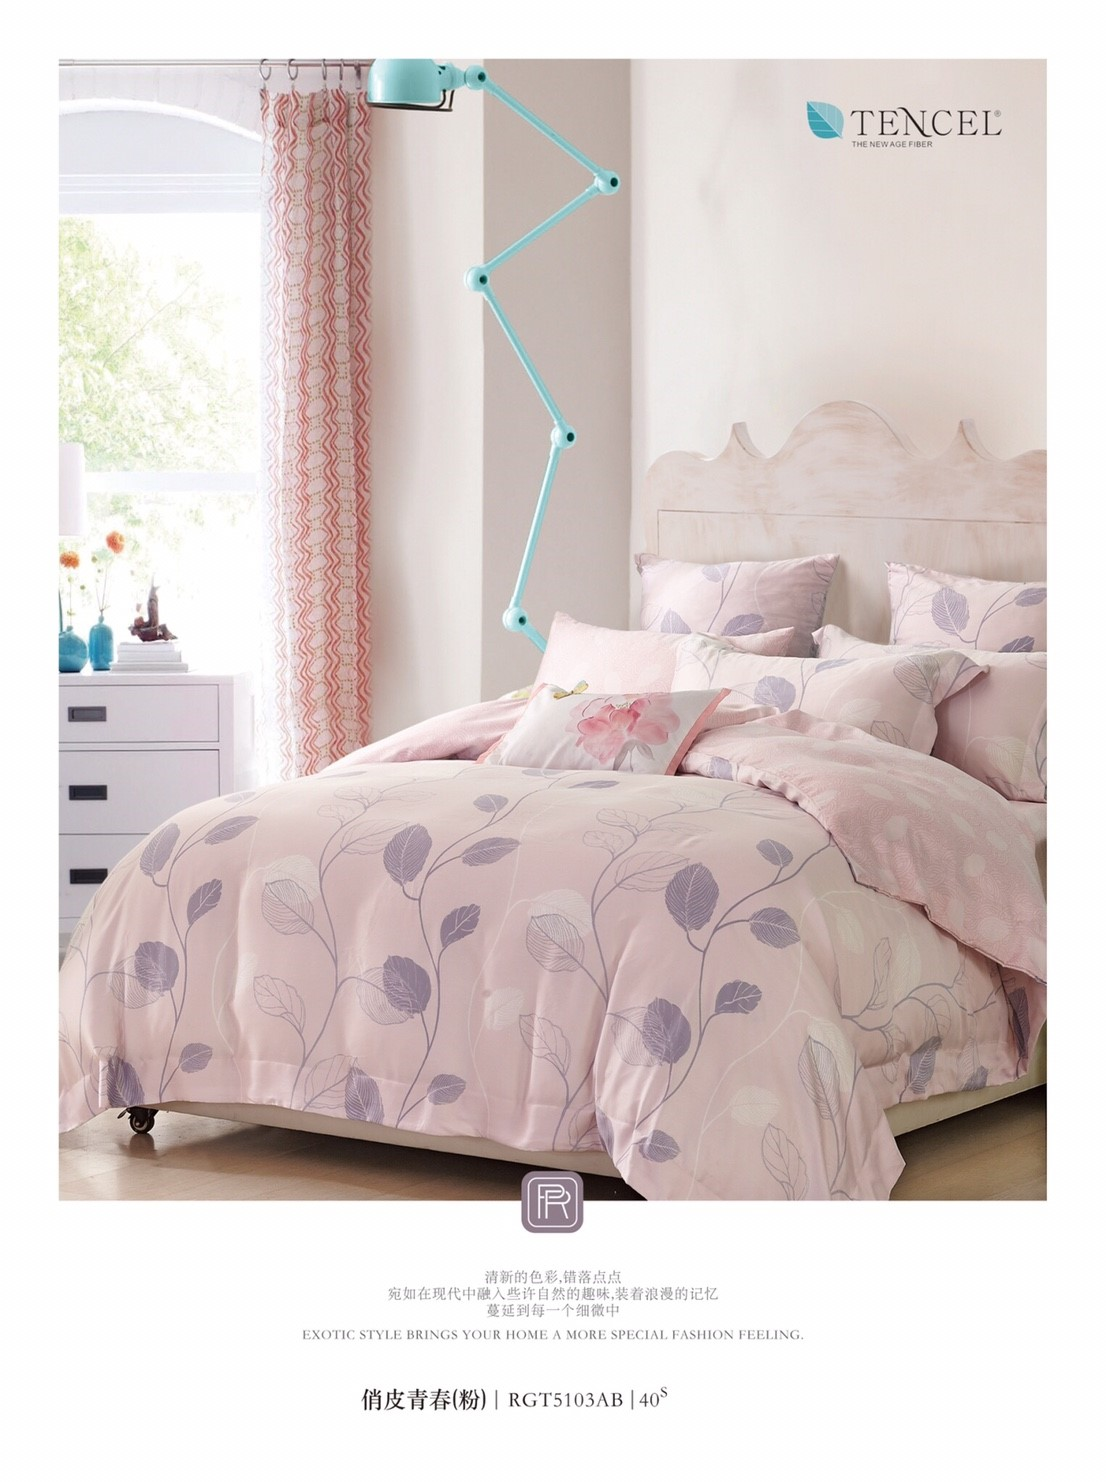 【特惠純天然】渡夢7件式天絲鋪棉床罩組